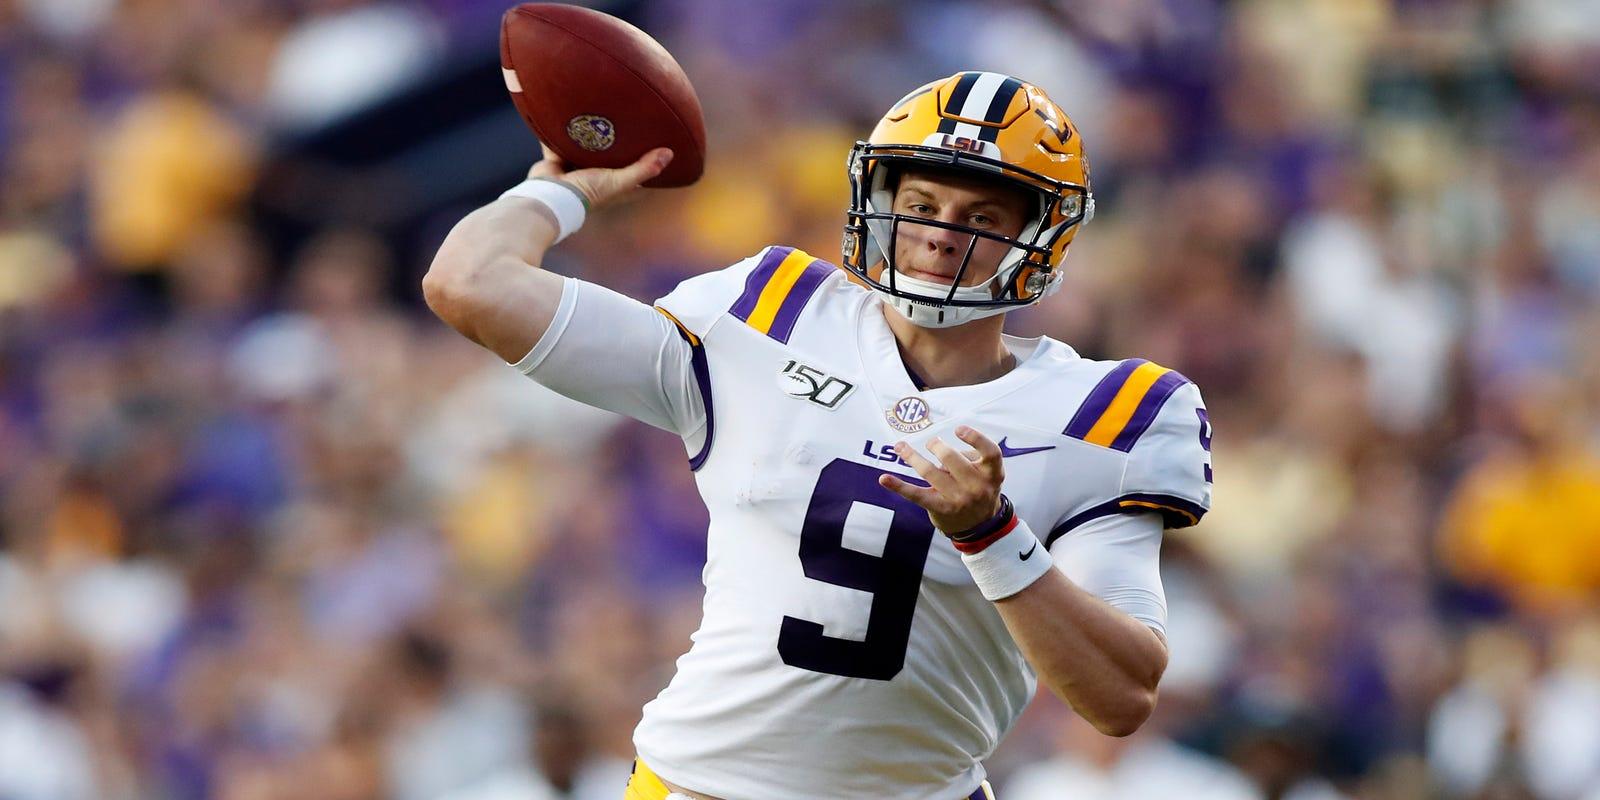 Vanderbilt vs. LSU: TV channel, odds, streaming options, game time